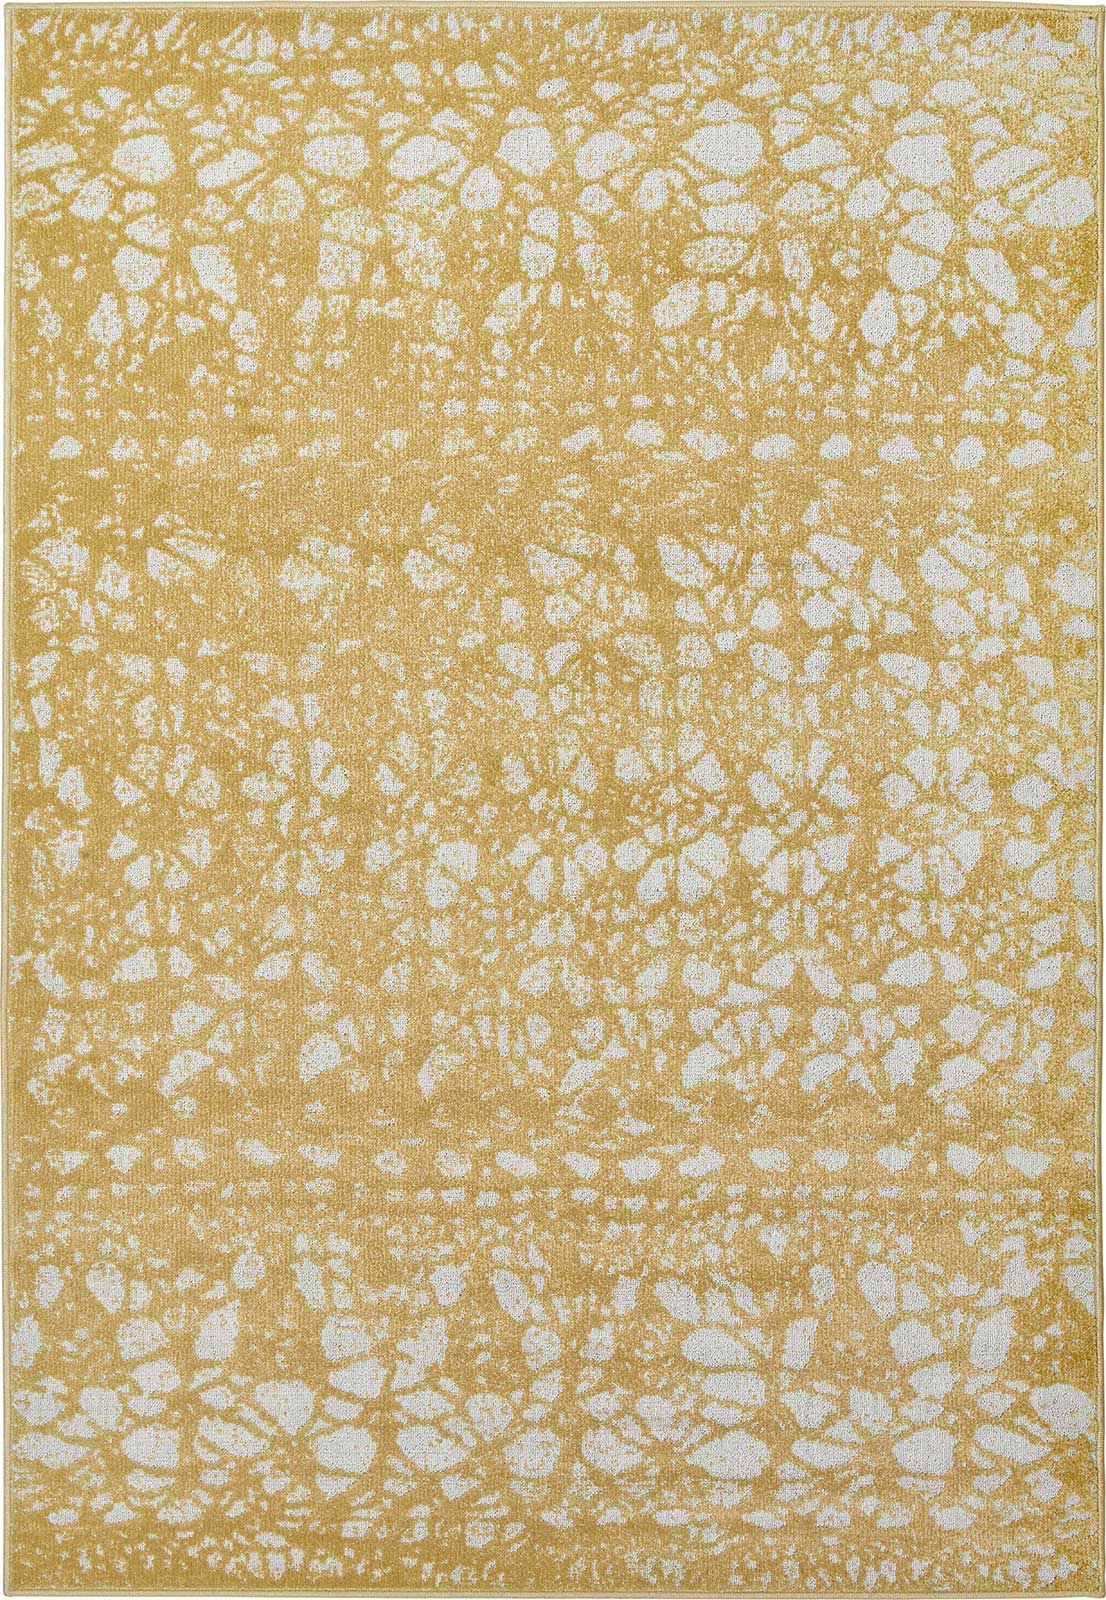 Dafne tappeto da esterno fiori italy dream design - Tappeti da esterno ...